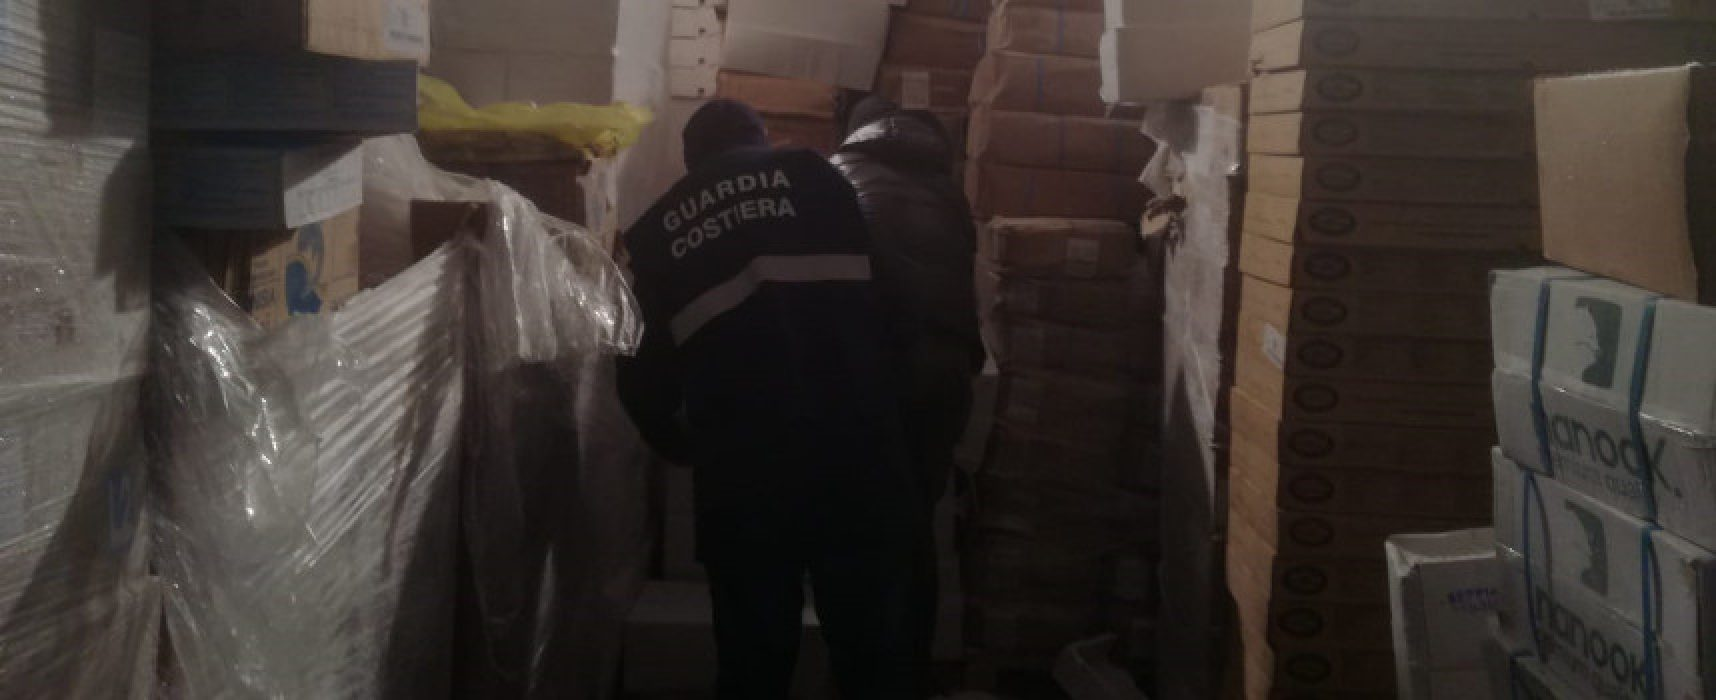 Guardia costiera sequestra 4 tonnellate di prodotti ittici a Bisceglie